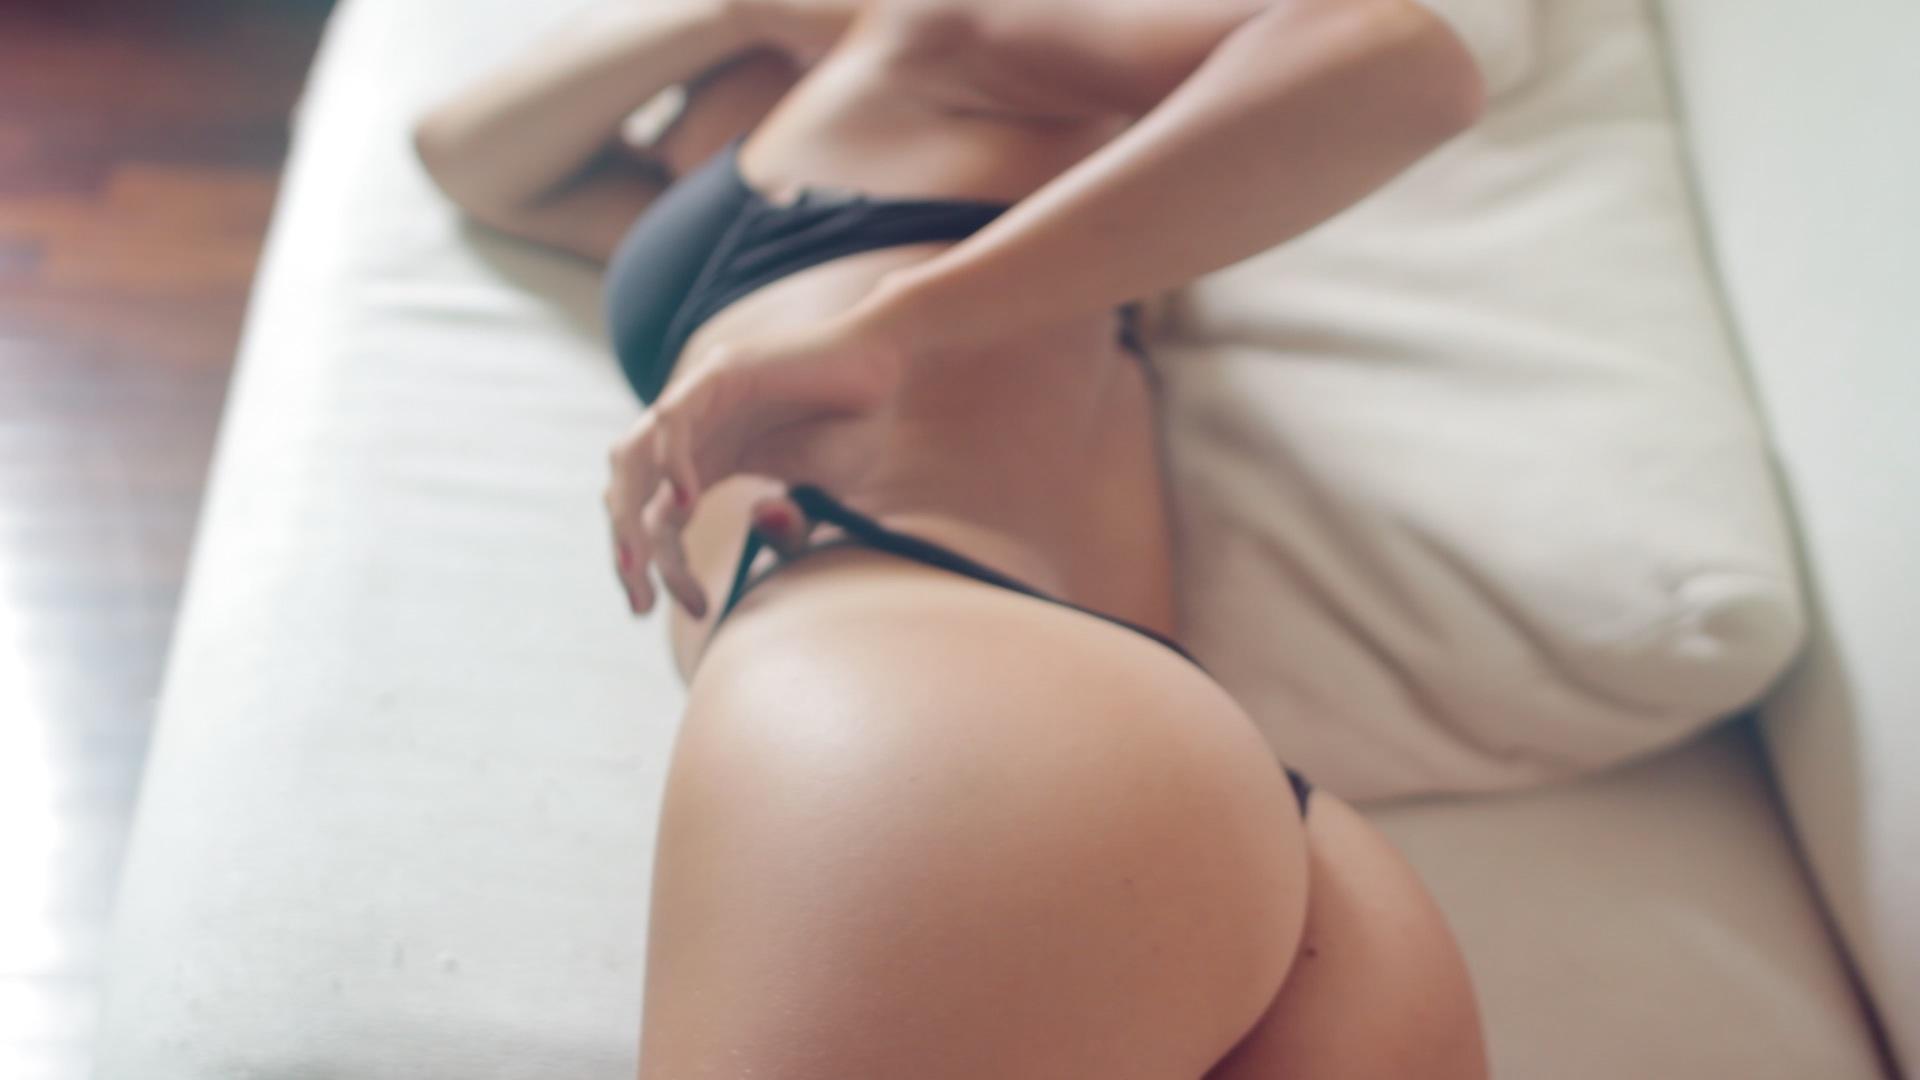 vgp 12